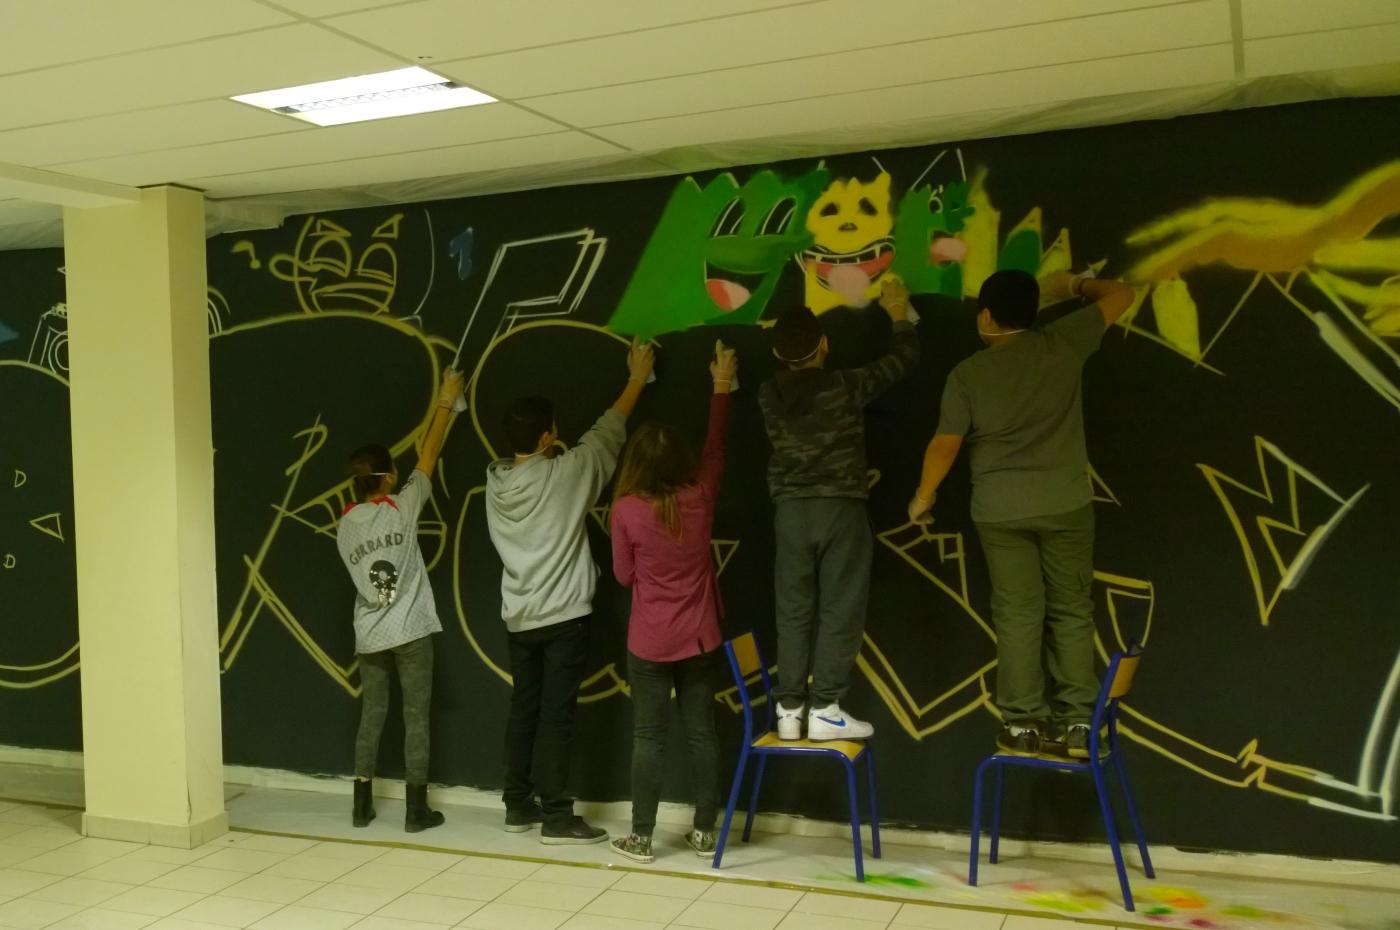 Un graff au collège et de belles animations graffiti